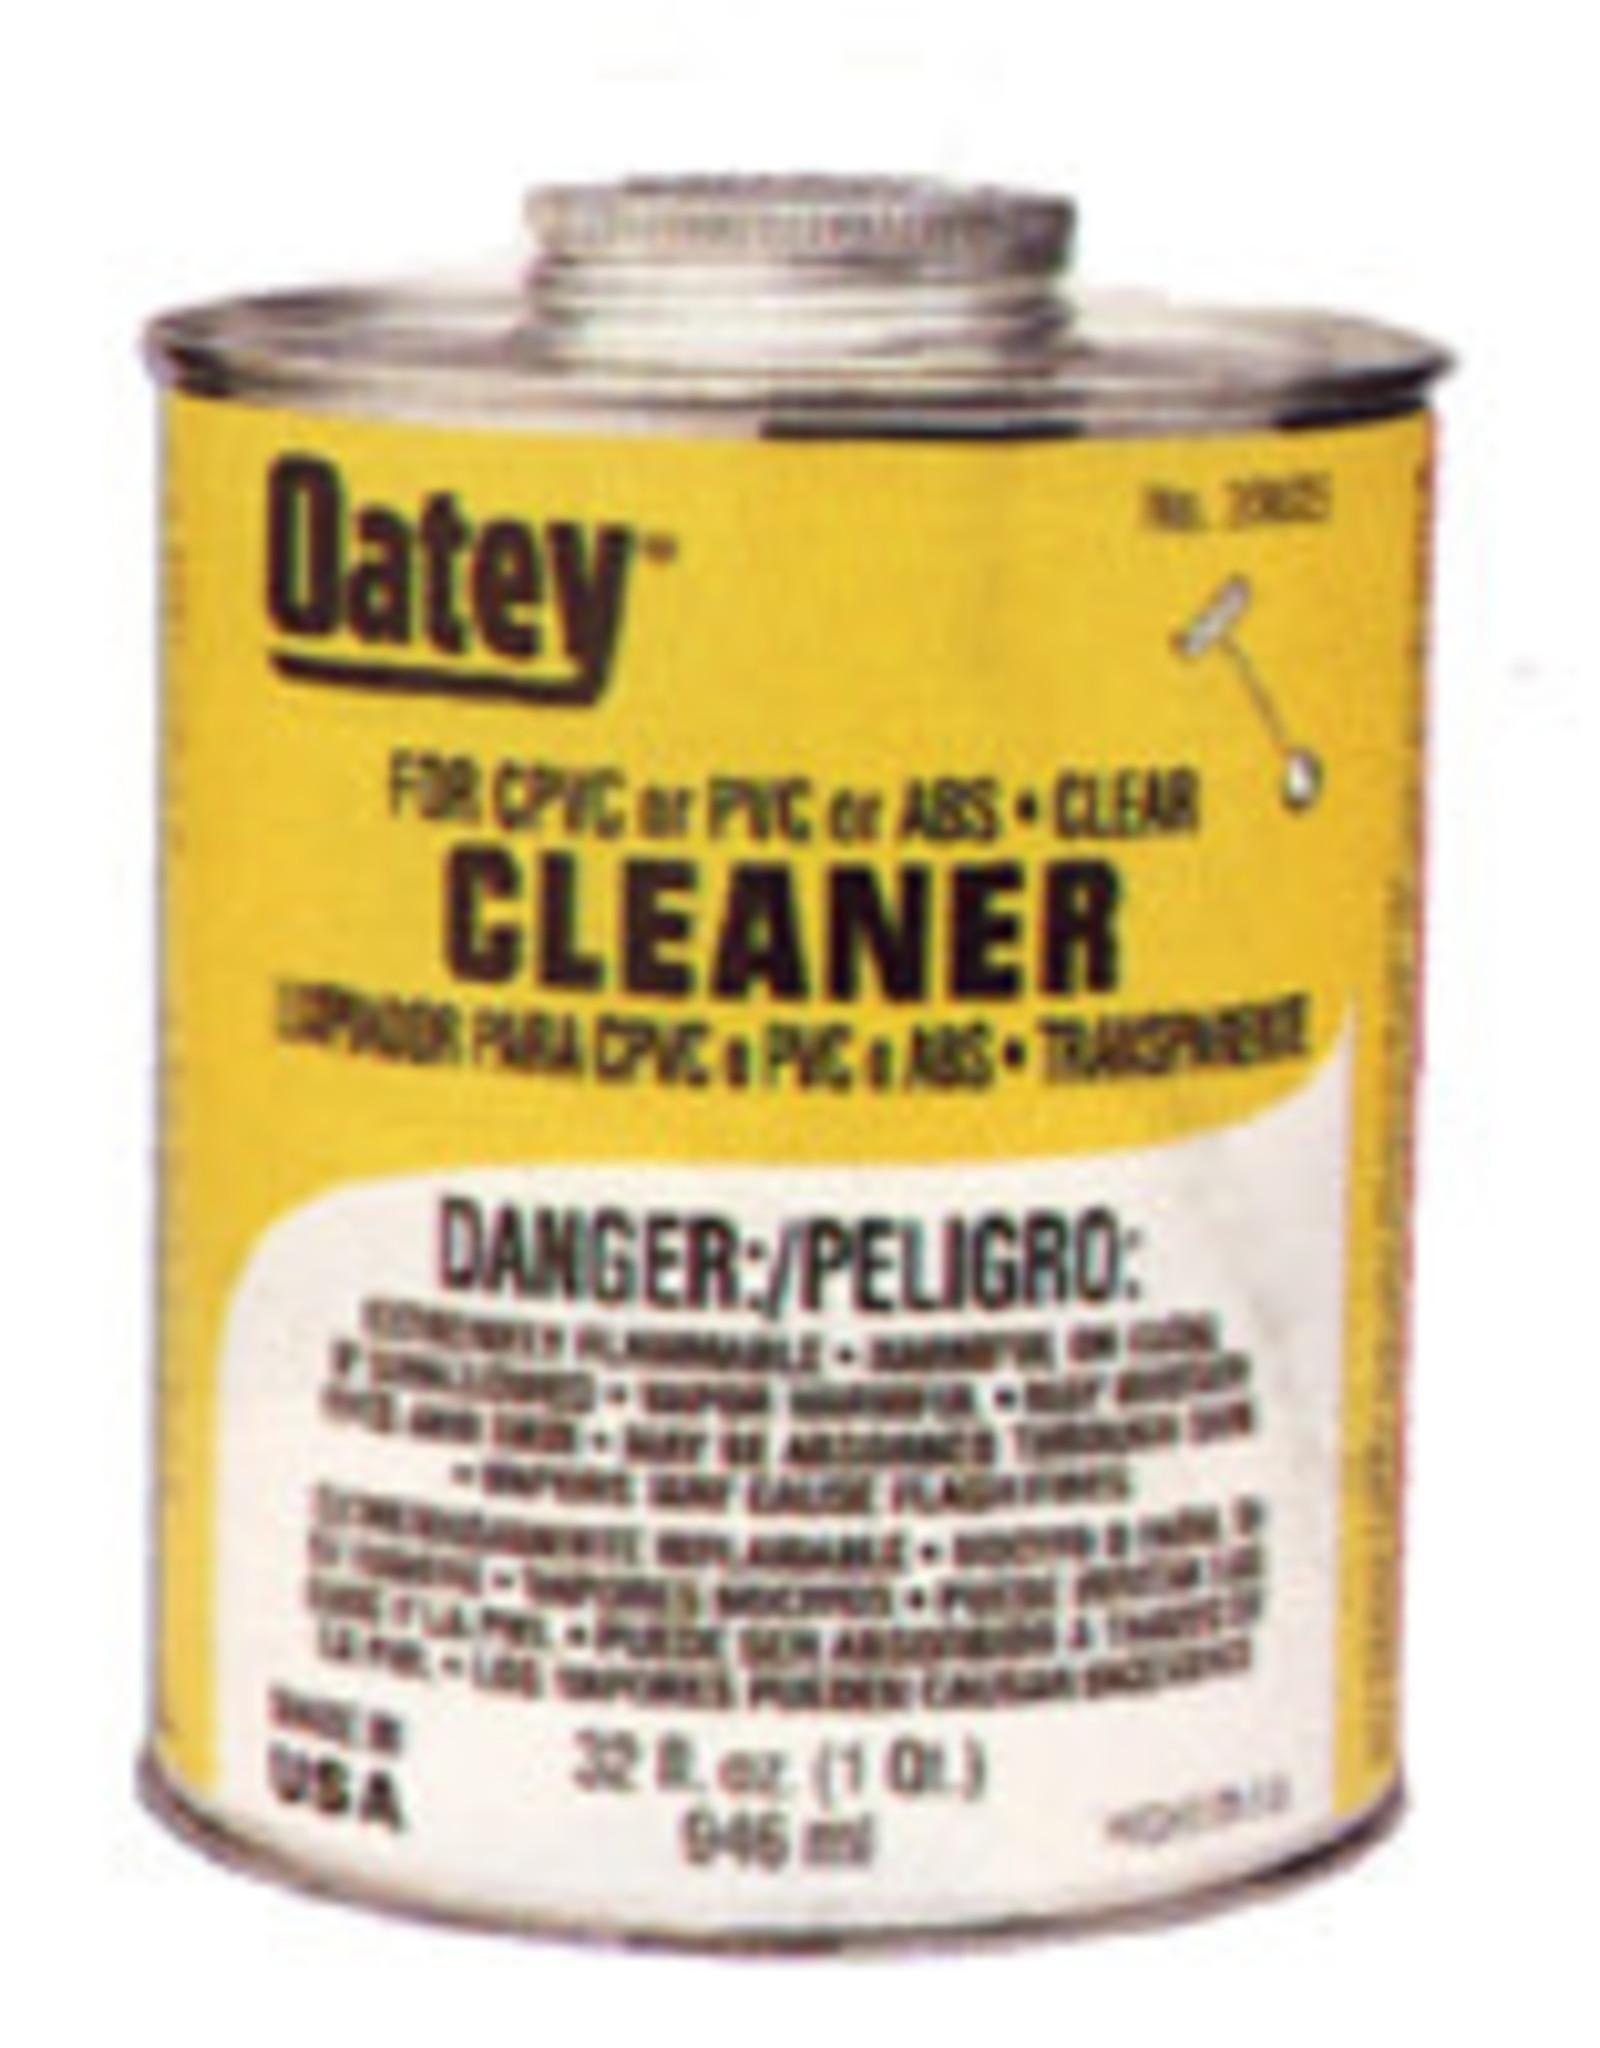 Oatey Oatey -  Clear PVC Cleaner 16 oz